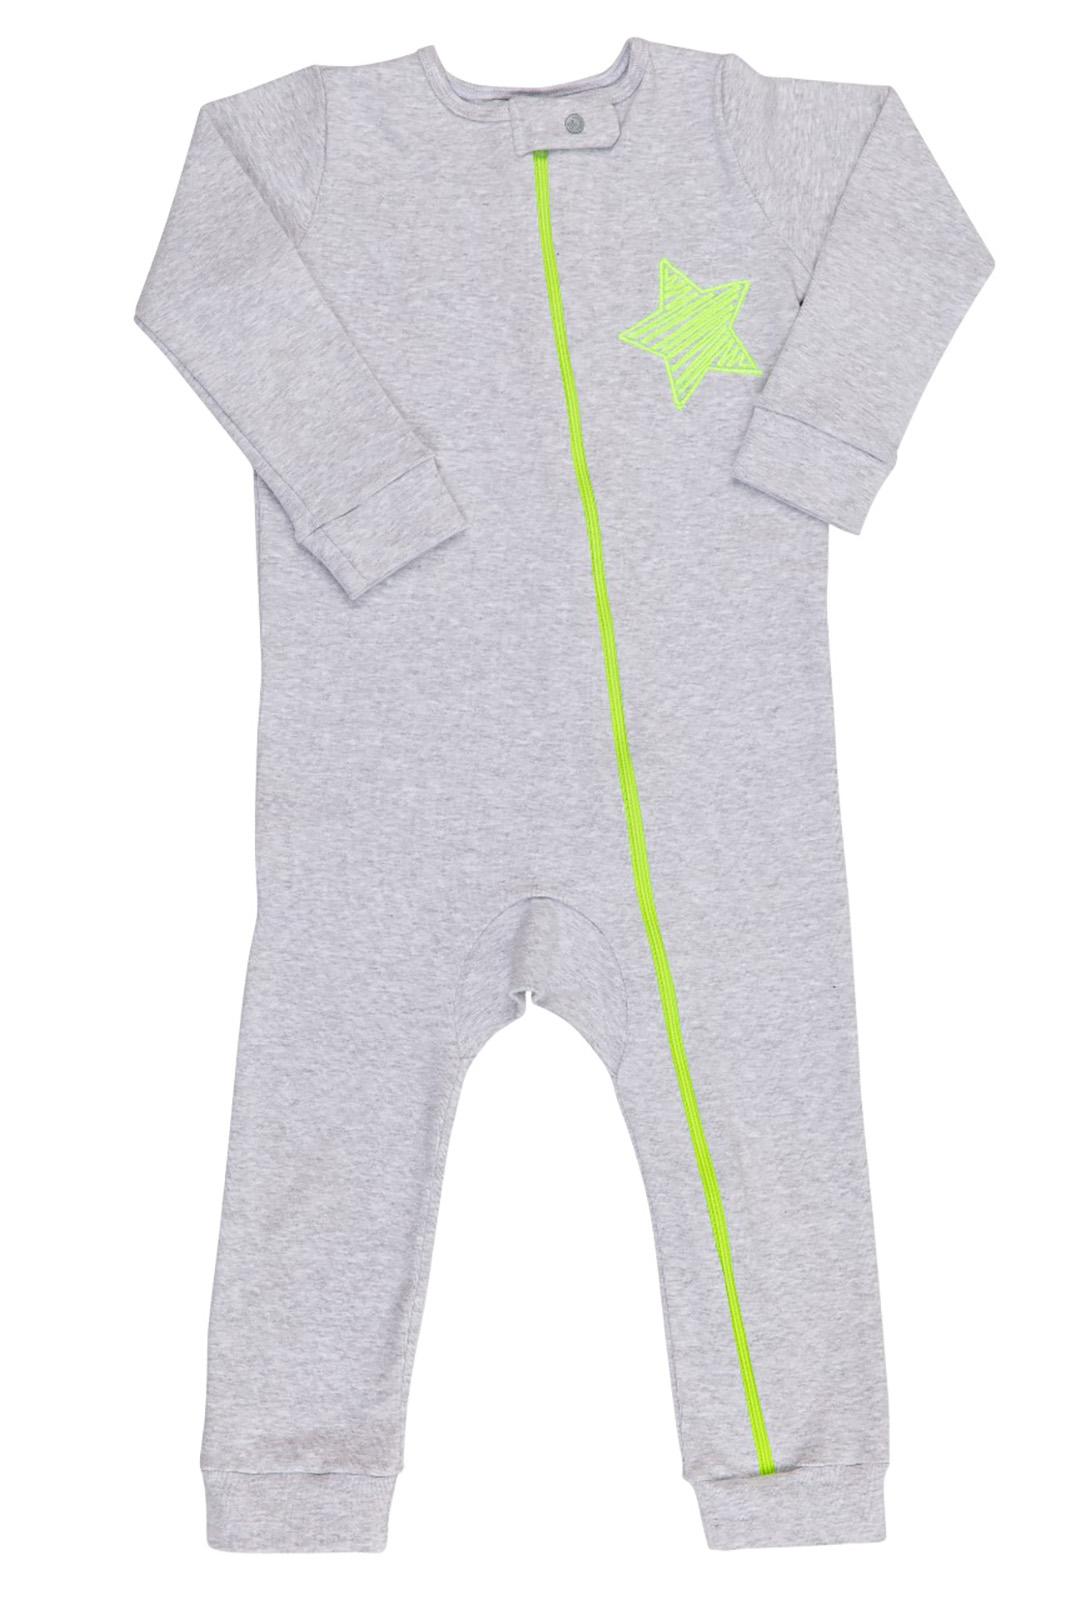 Macacão Pijama Infantil Coquelicot  com zíper e sem pé Mescla Coração Verde